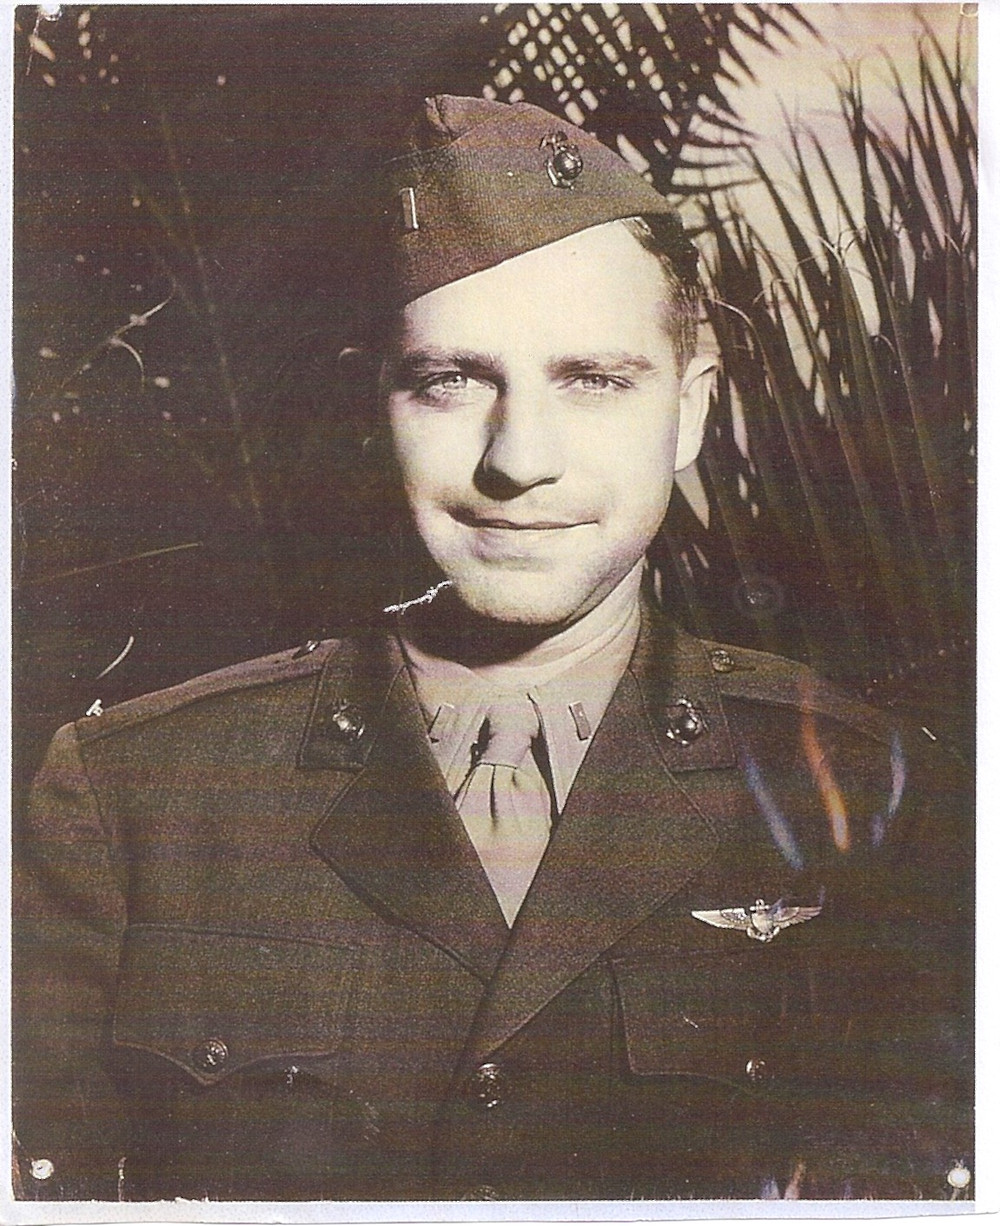 Phillip C. DeLong, 1St LT. USMC cira 1940s